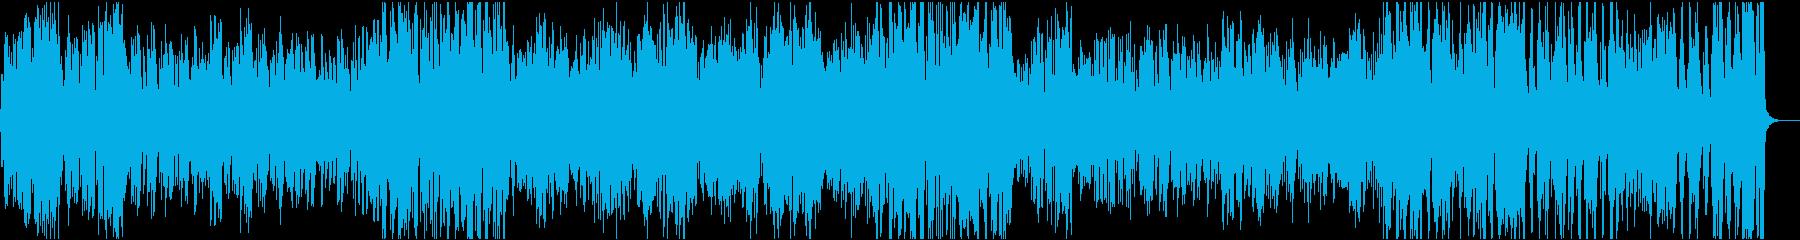 ピアノ名曲モーツアルト 上品であり軽快の再生済みの波形